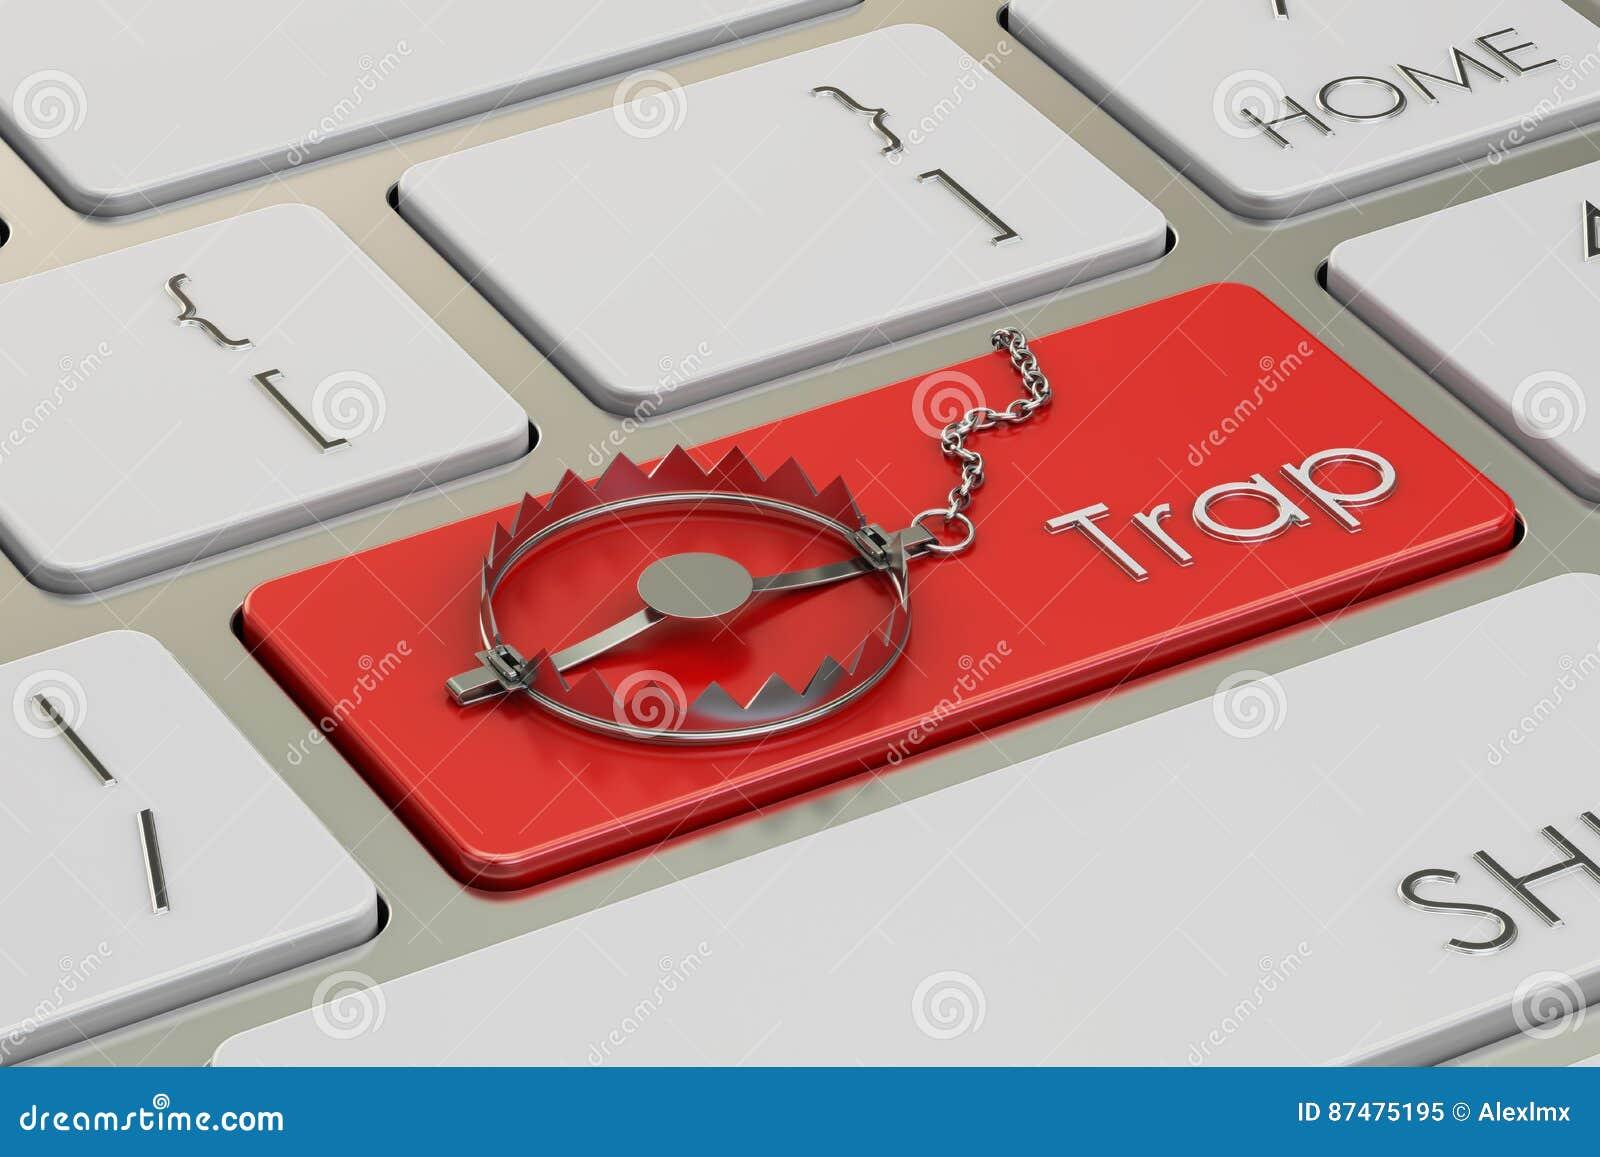 Концепция ловушки, кнопка на клавиатуре